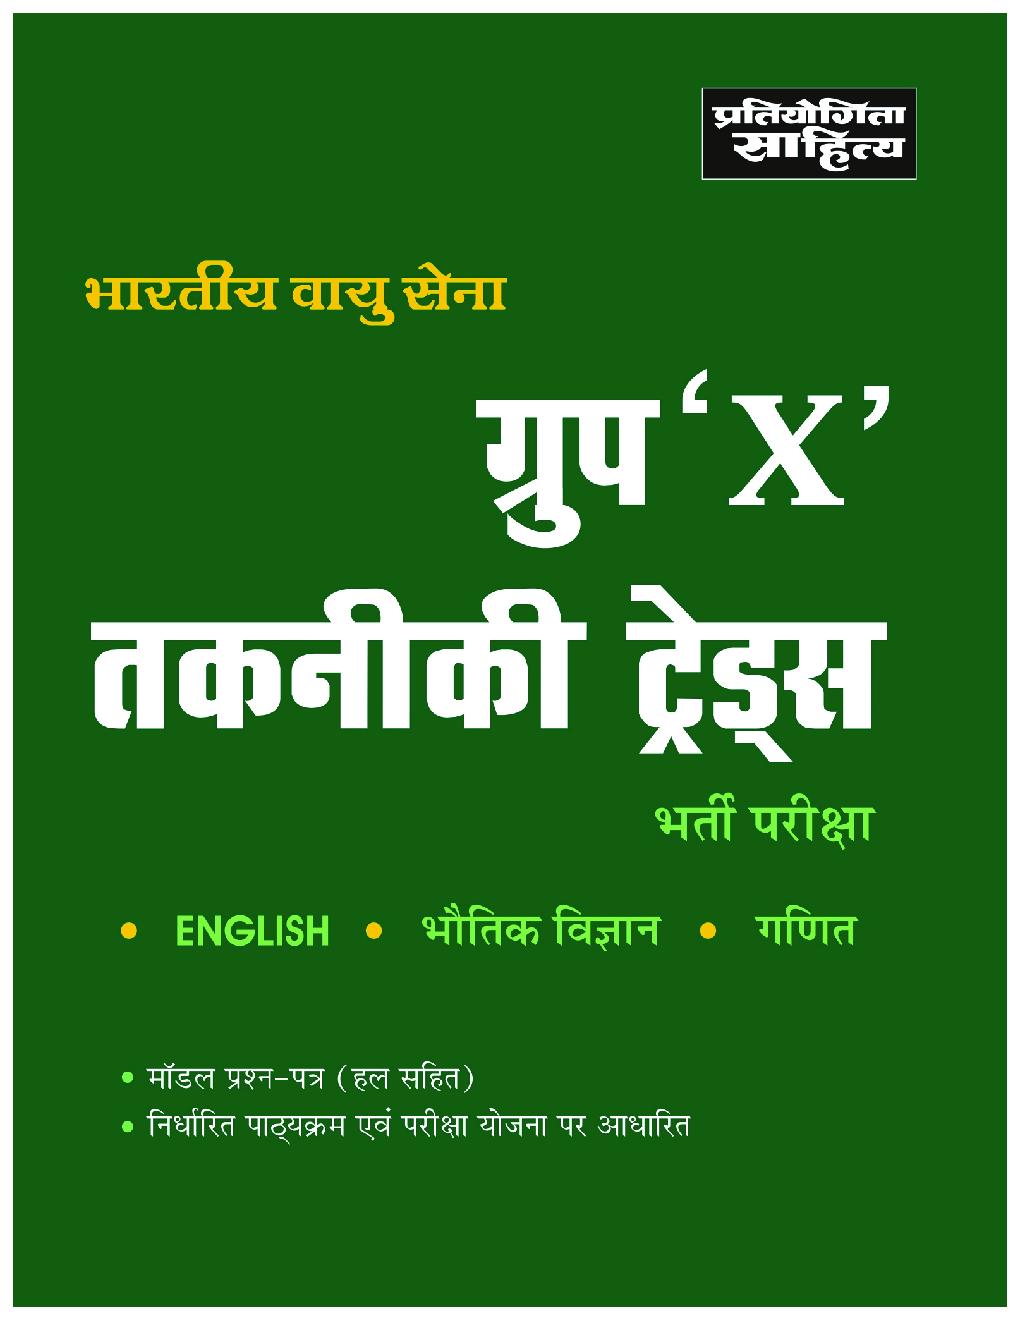 Bhartiya Vayu Sena \'X\' Taknikiya Treds Bharti Pariksha - Page 1